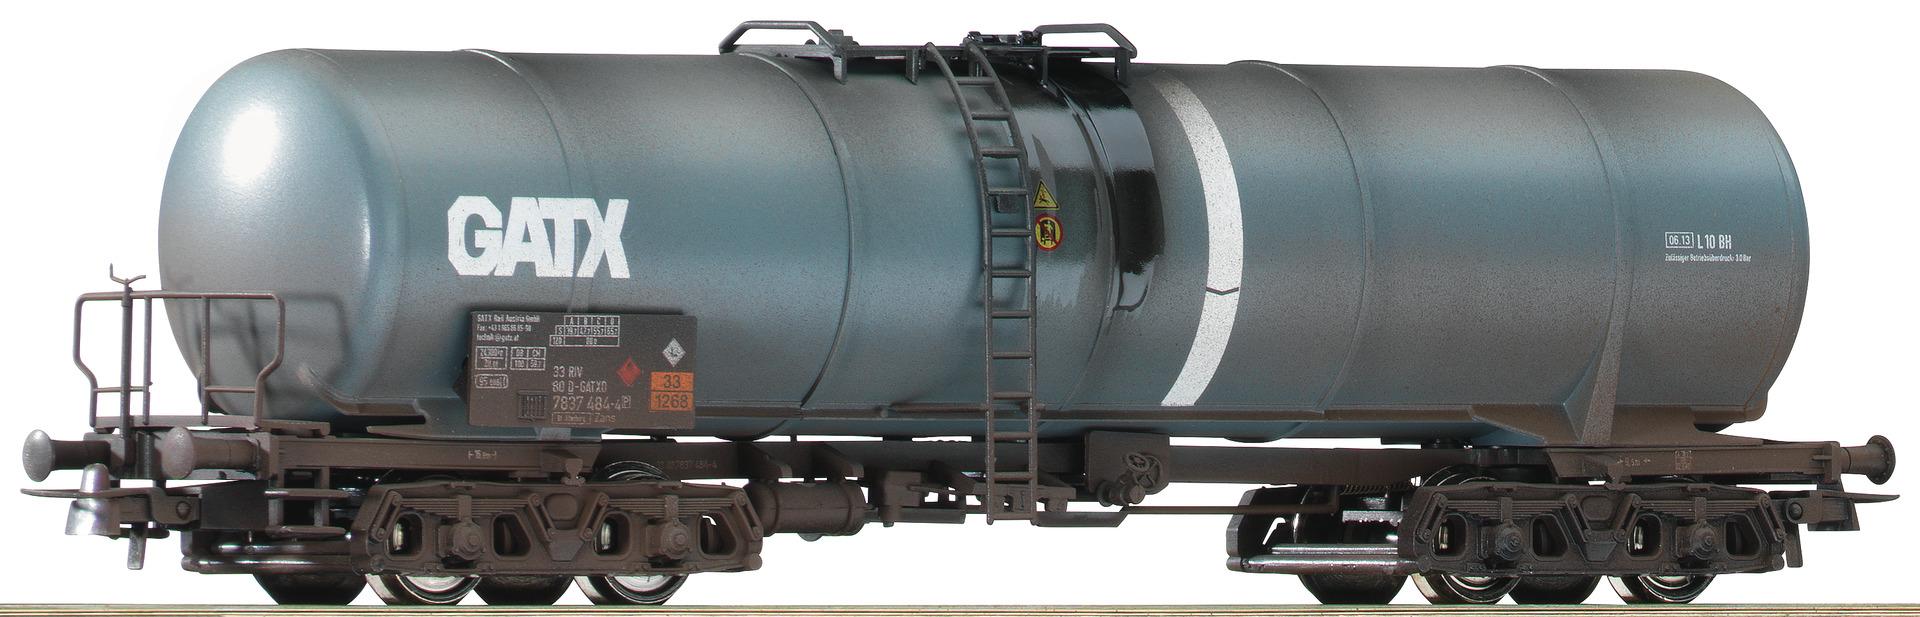 H0 Kesselwagen der GATX, Ep.V/VI - gealtert